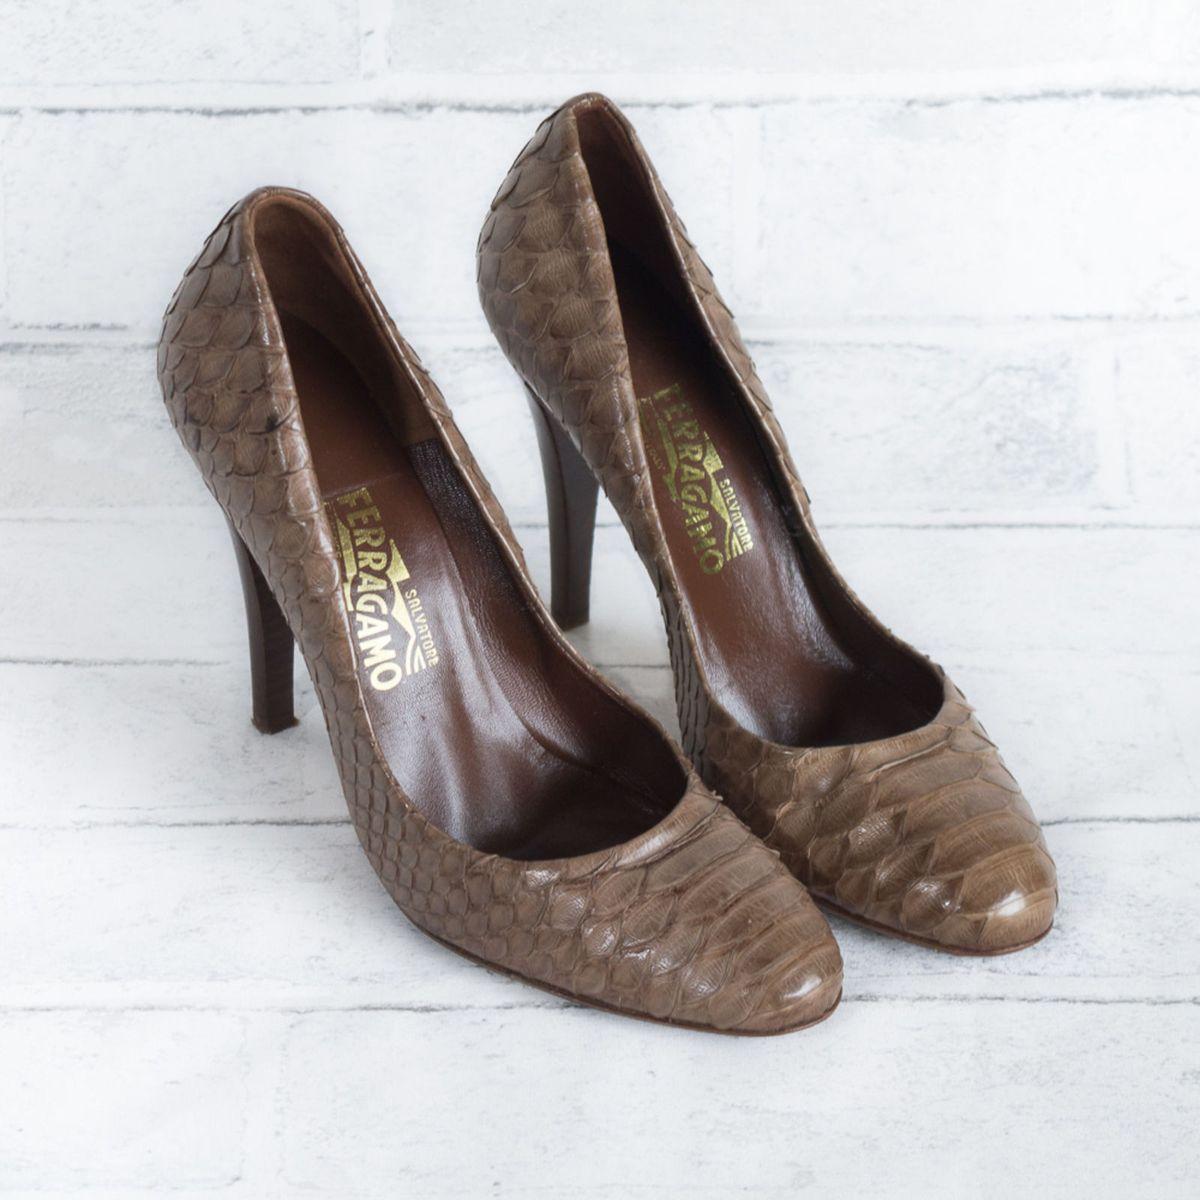 salvatore ferragamo sapato piton python italiano - sapatos salvatore  ferragamo 95c1455245